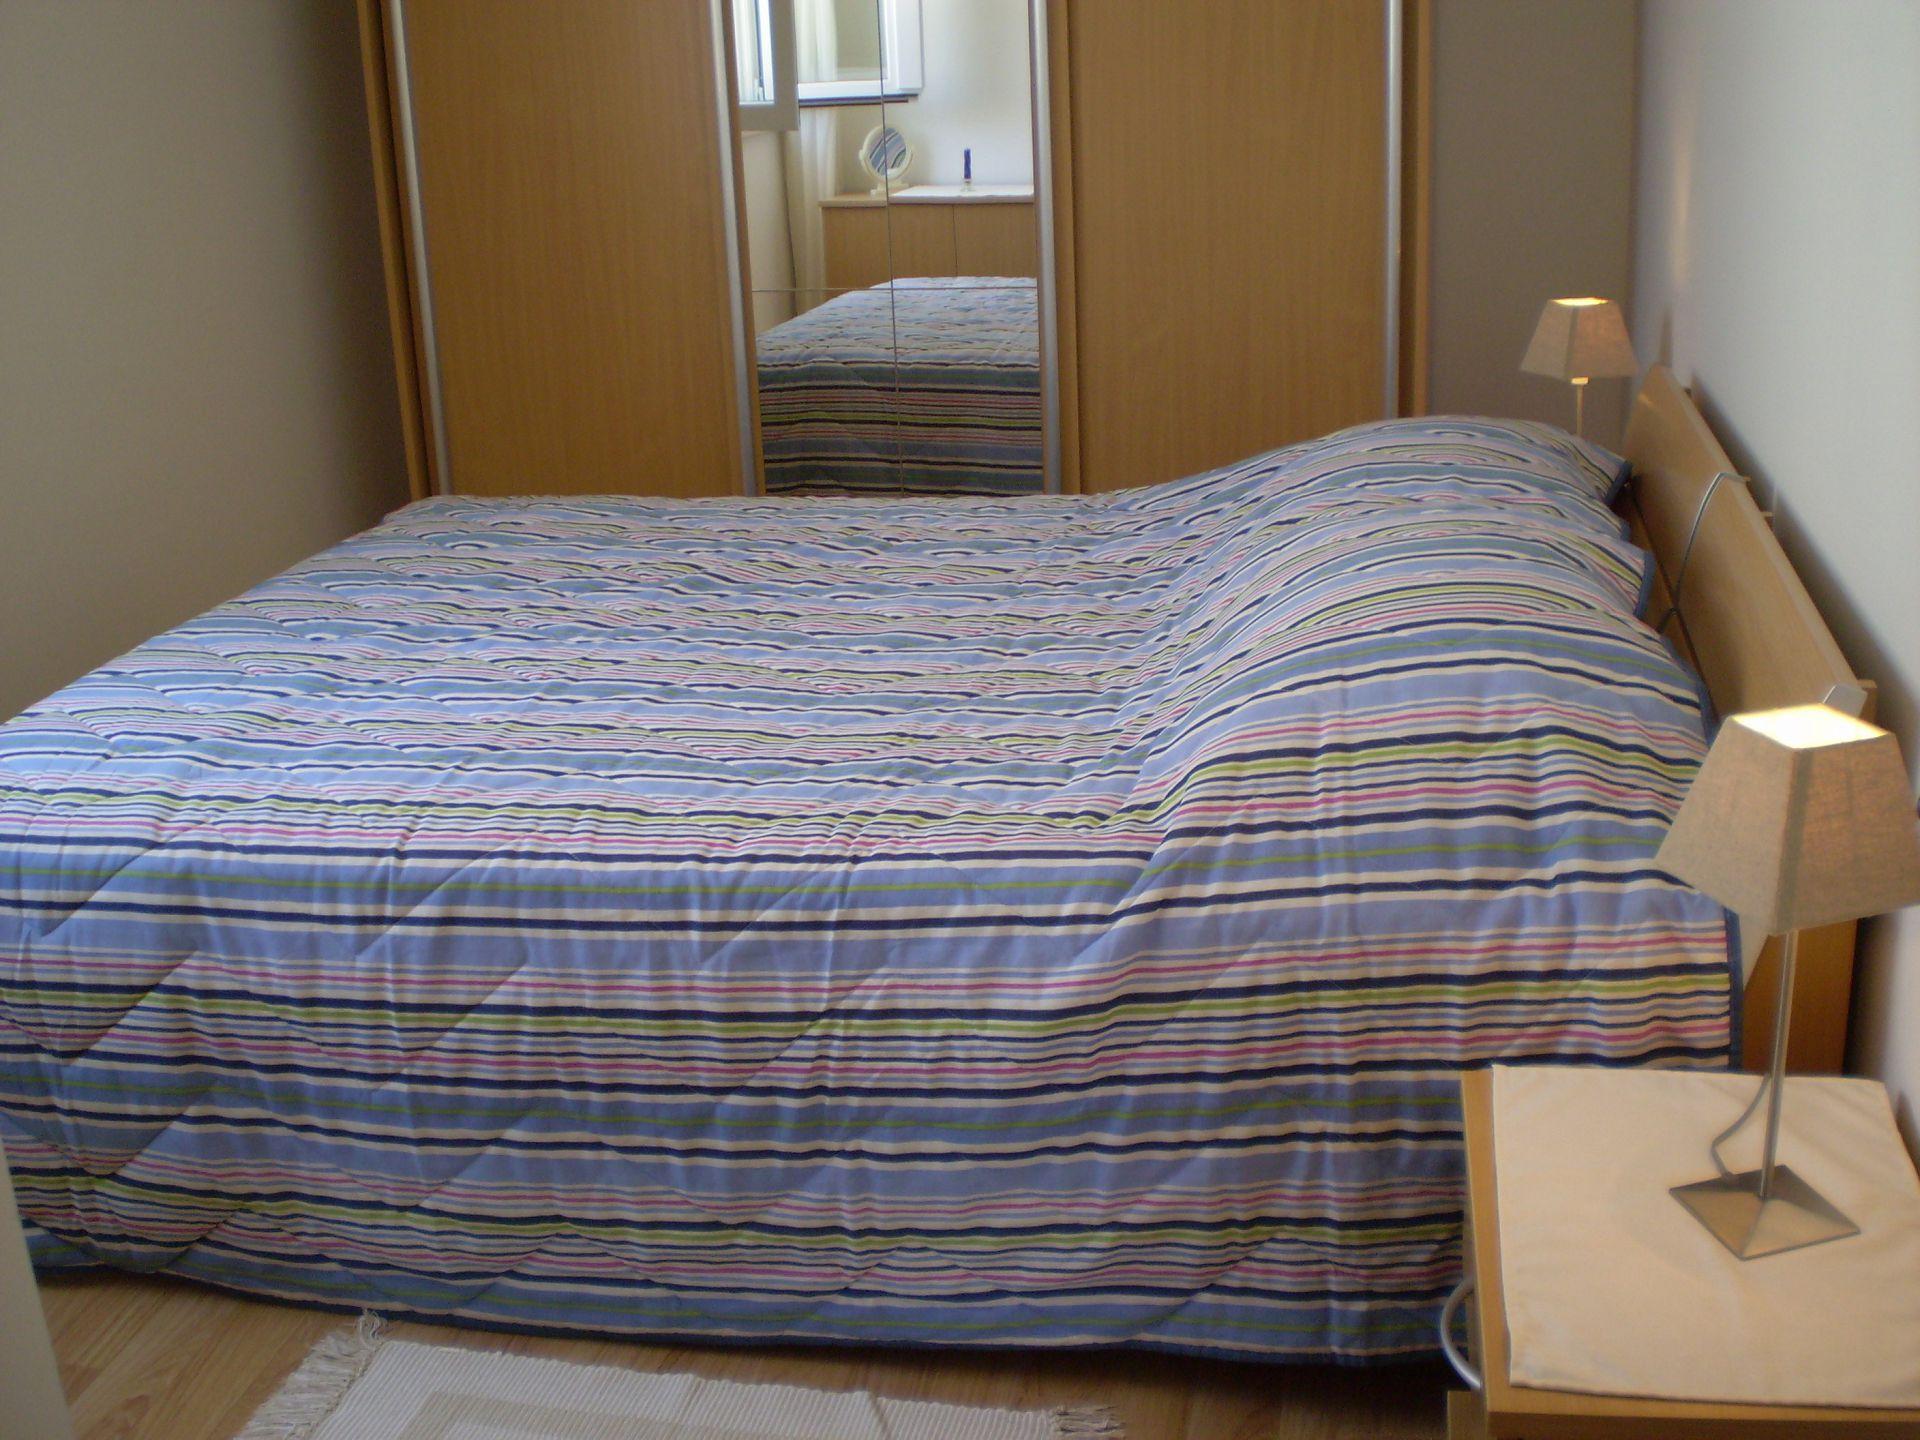 001HVAR - Hvar - Appartementen Kroatië - A1(4): slaapkamer